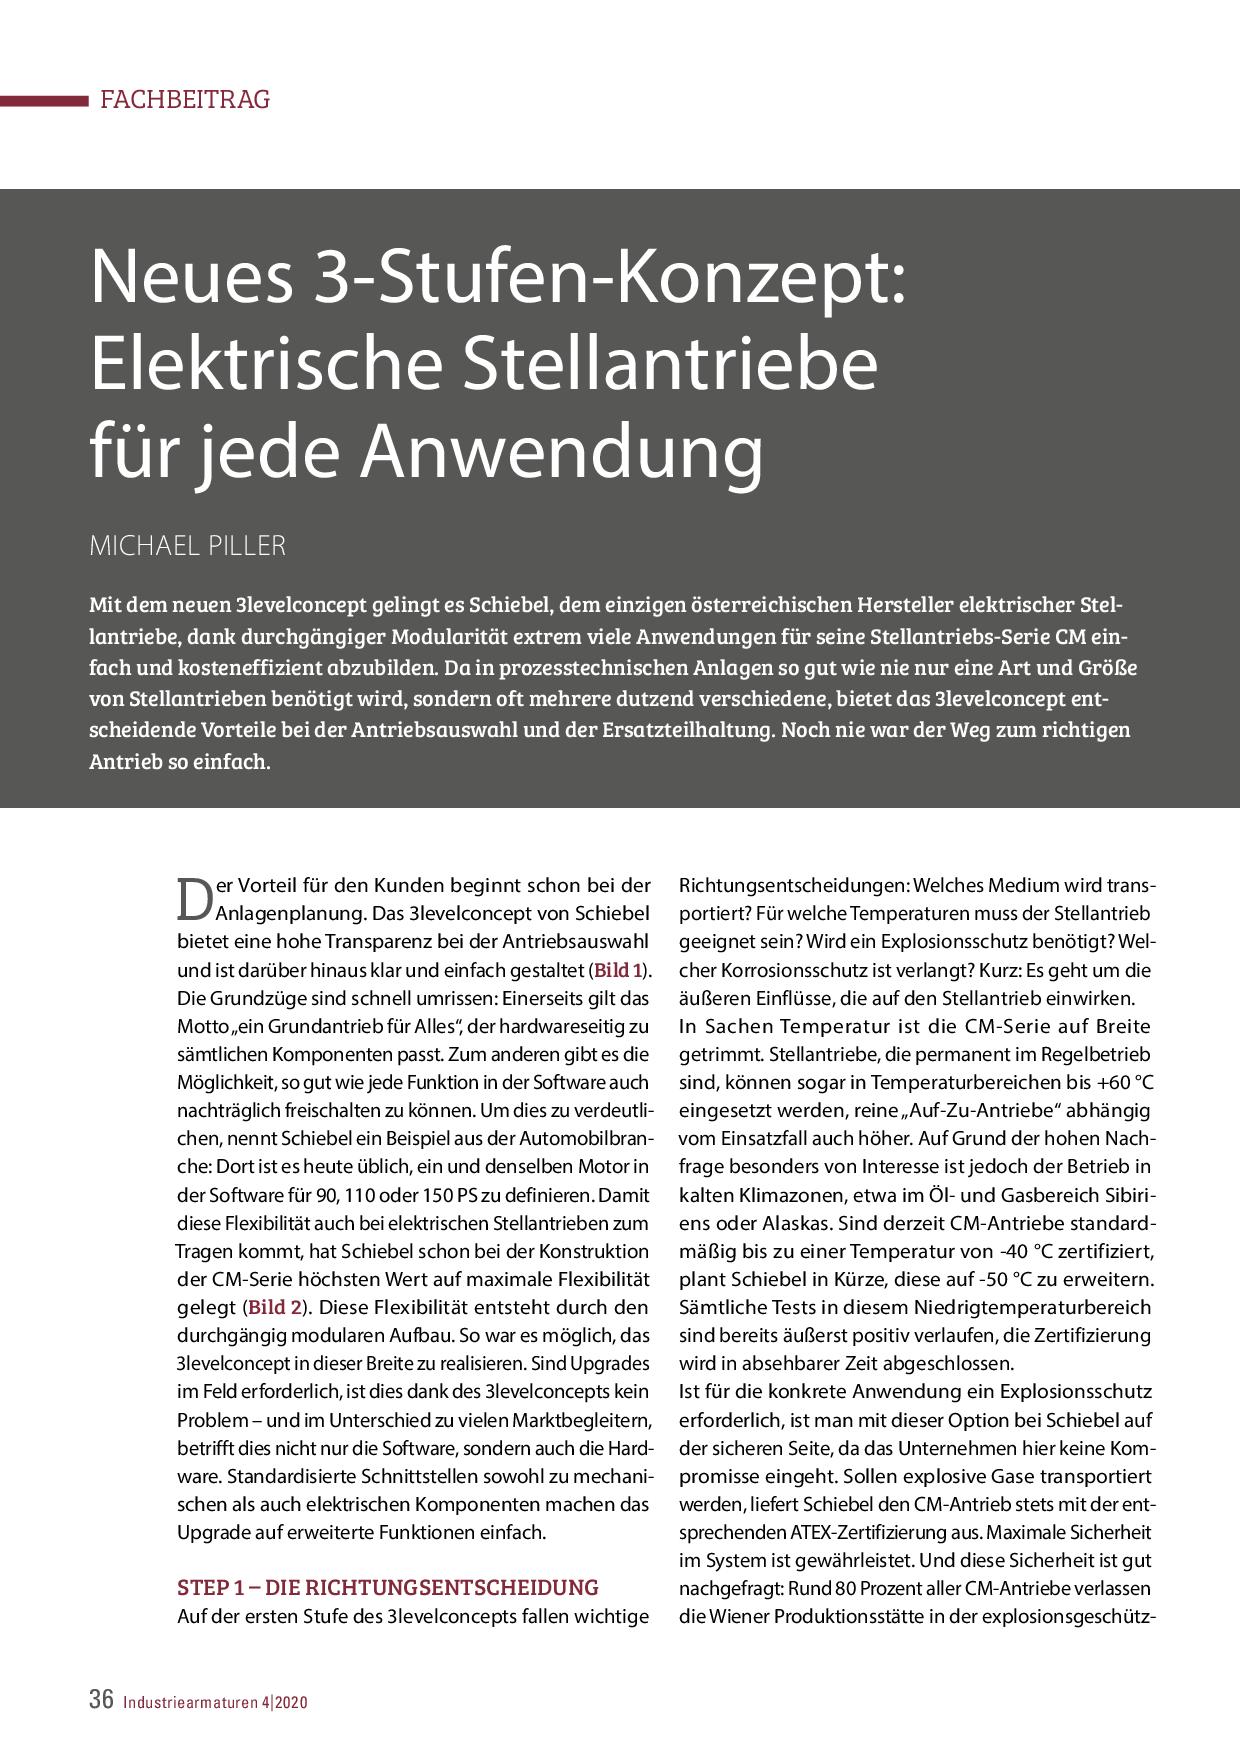 Neues 3-Stufen-Konzept: Elektrische Stellantriebe für jede Anwendung